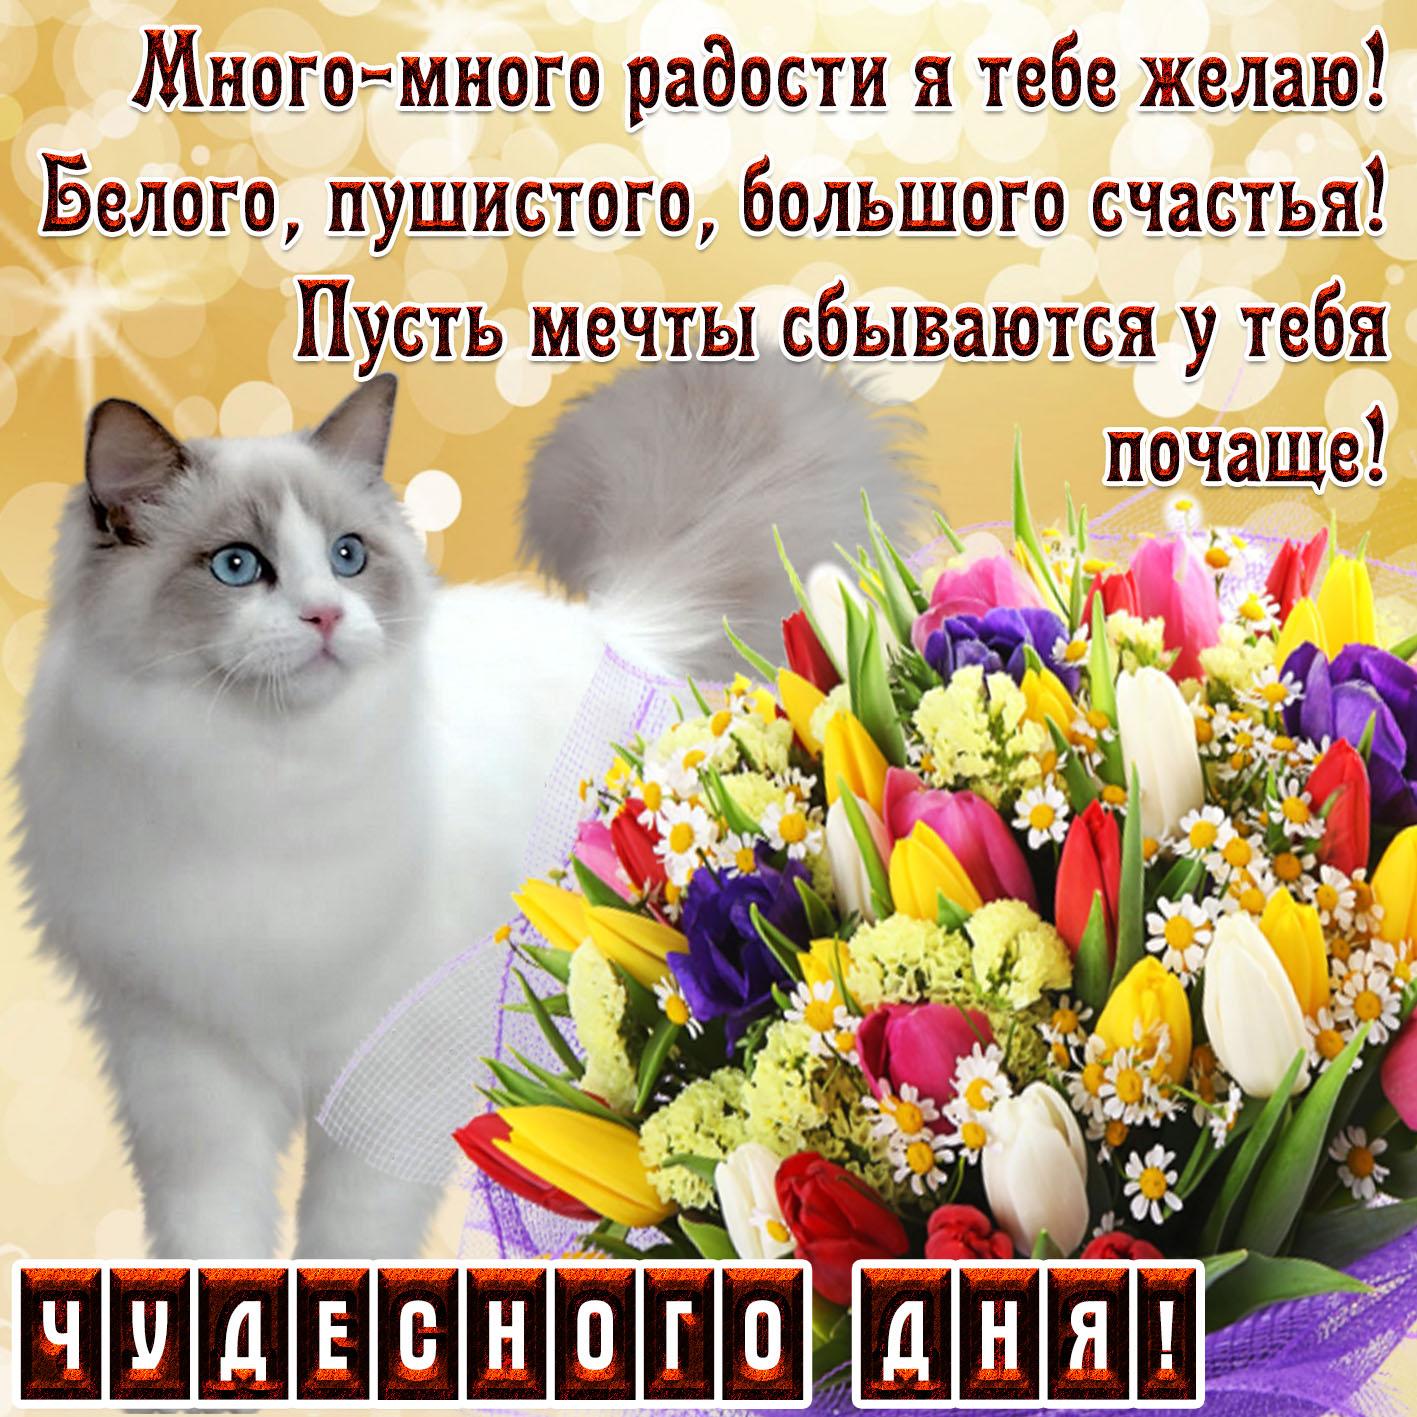 Открытка - пушистый котик с пожеланием чудесного дня